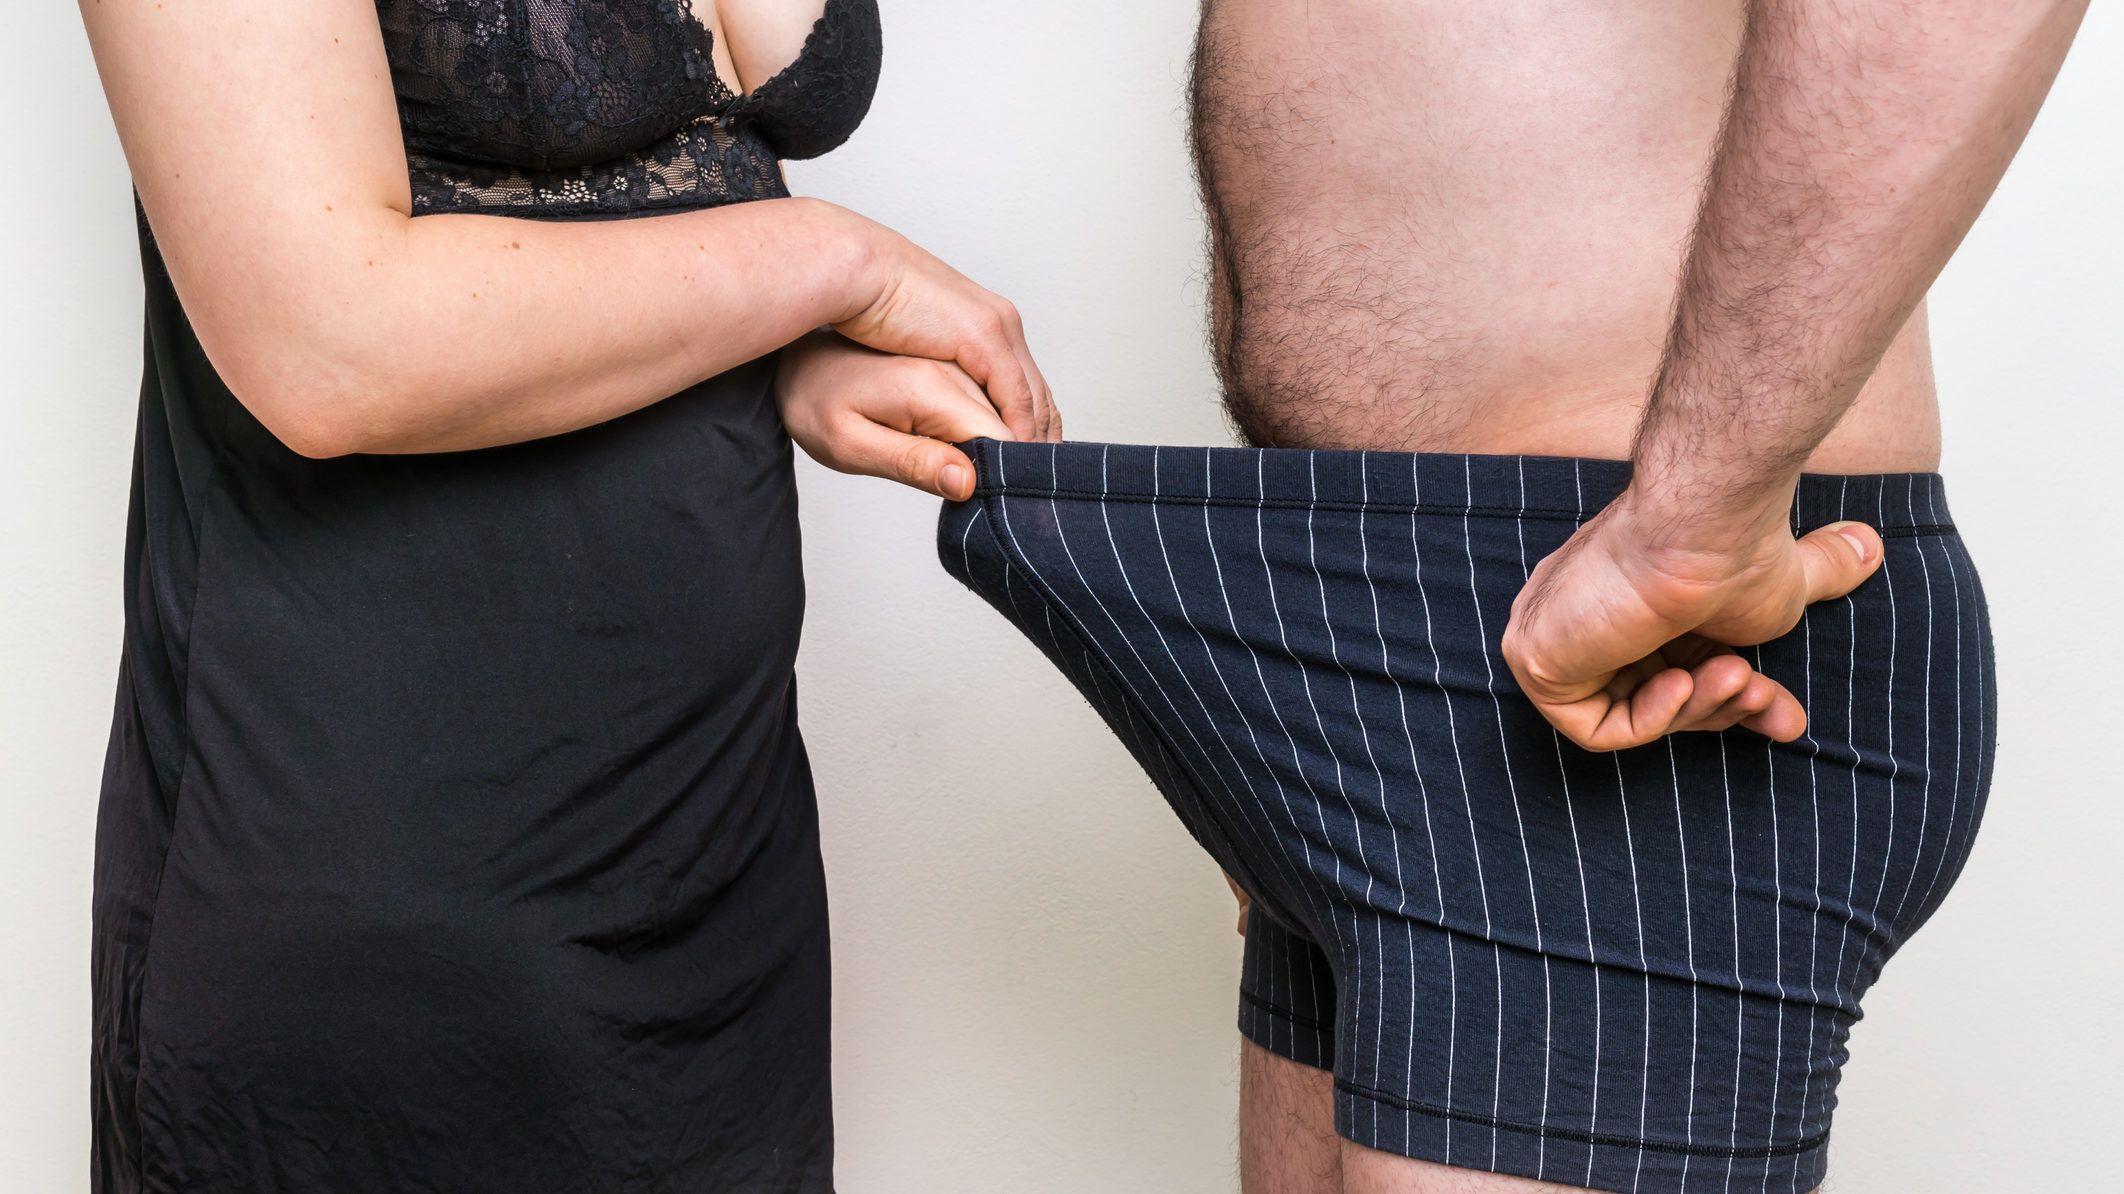 hogyan lehet megtudni a pénisz hosszát)